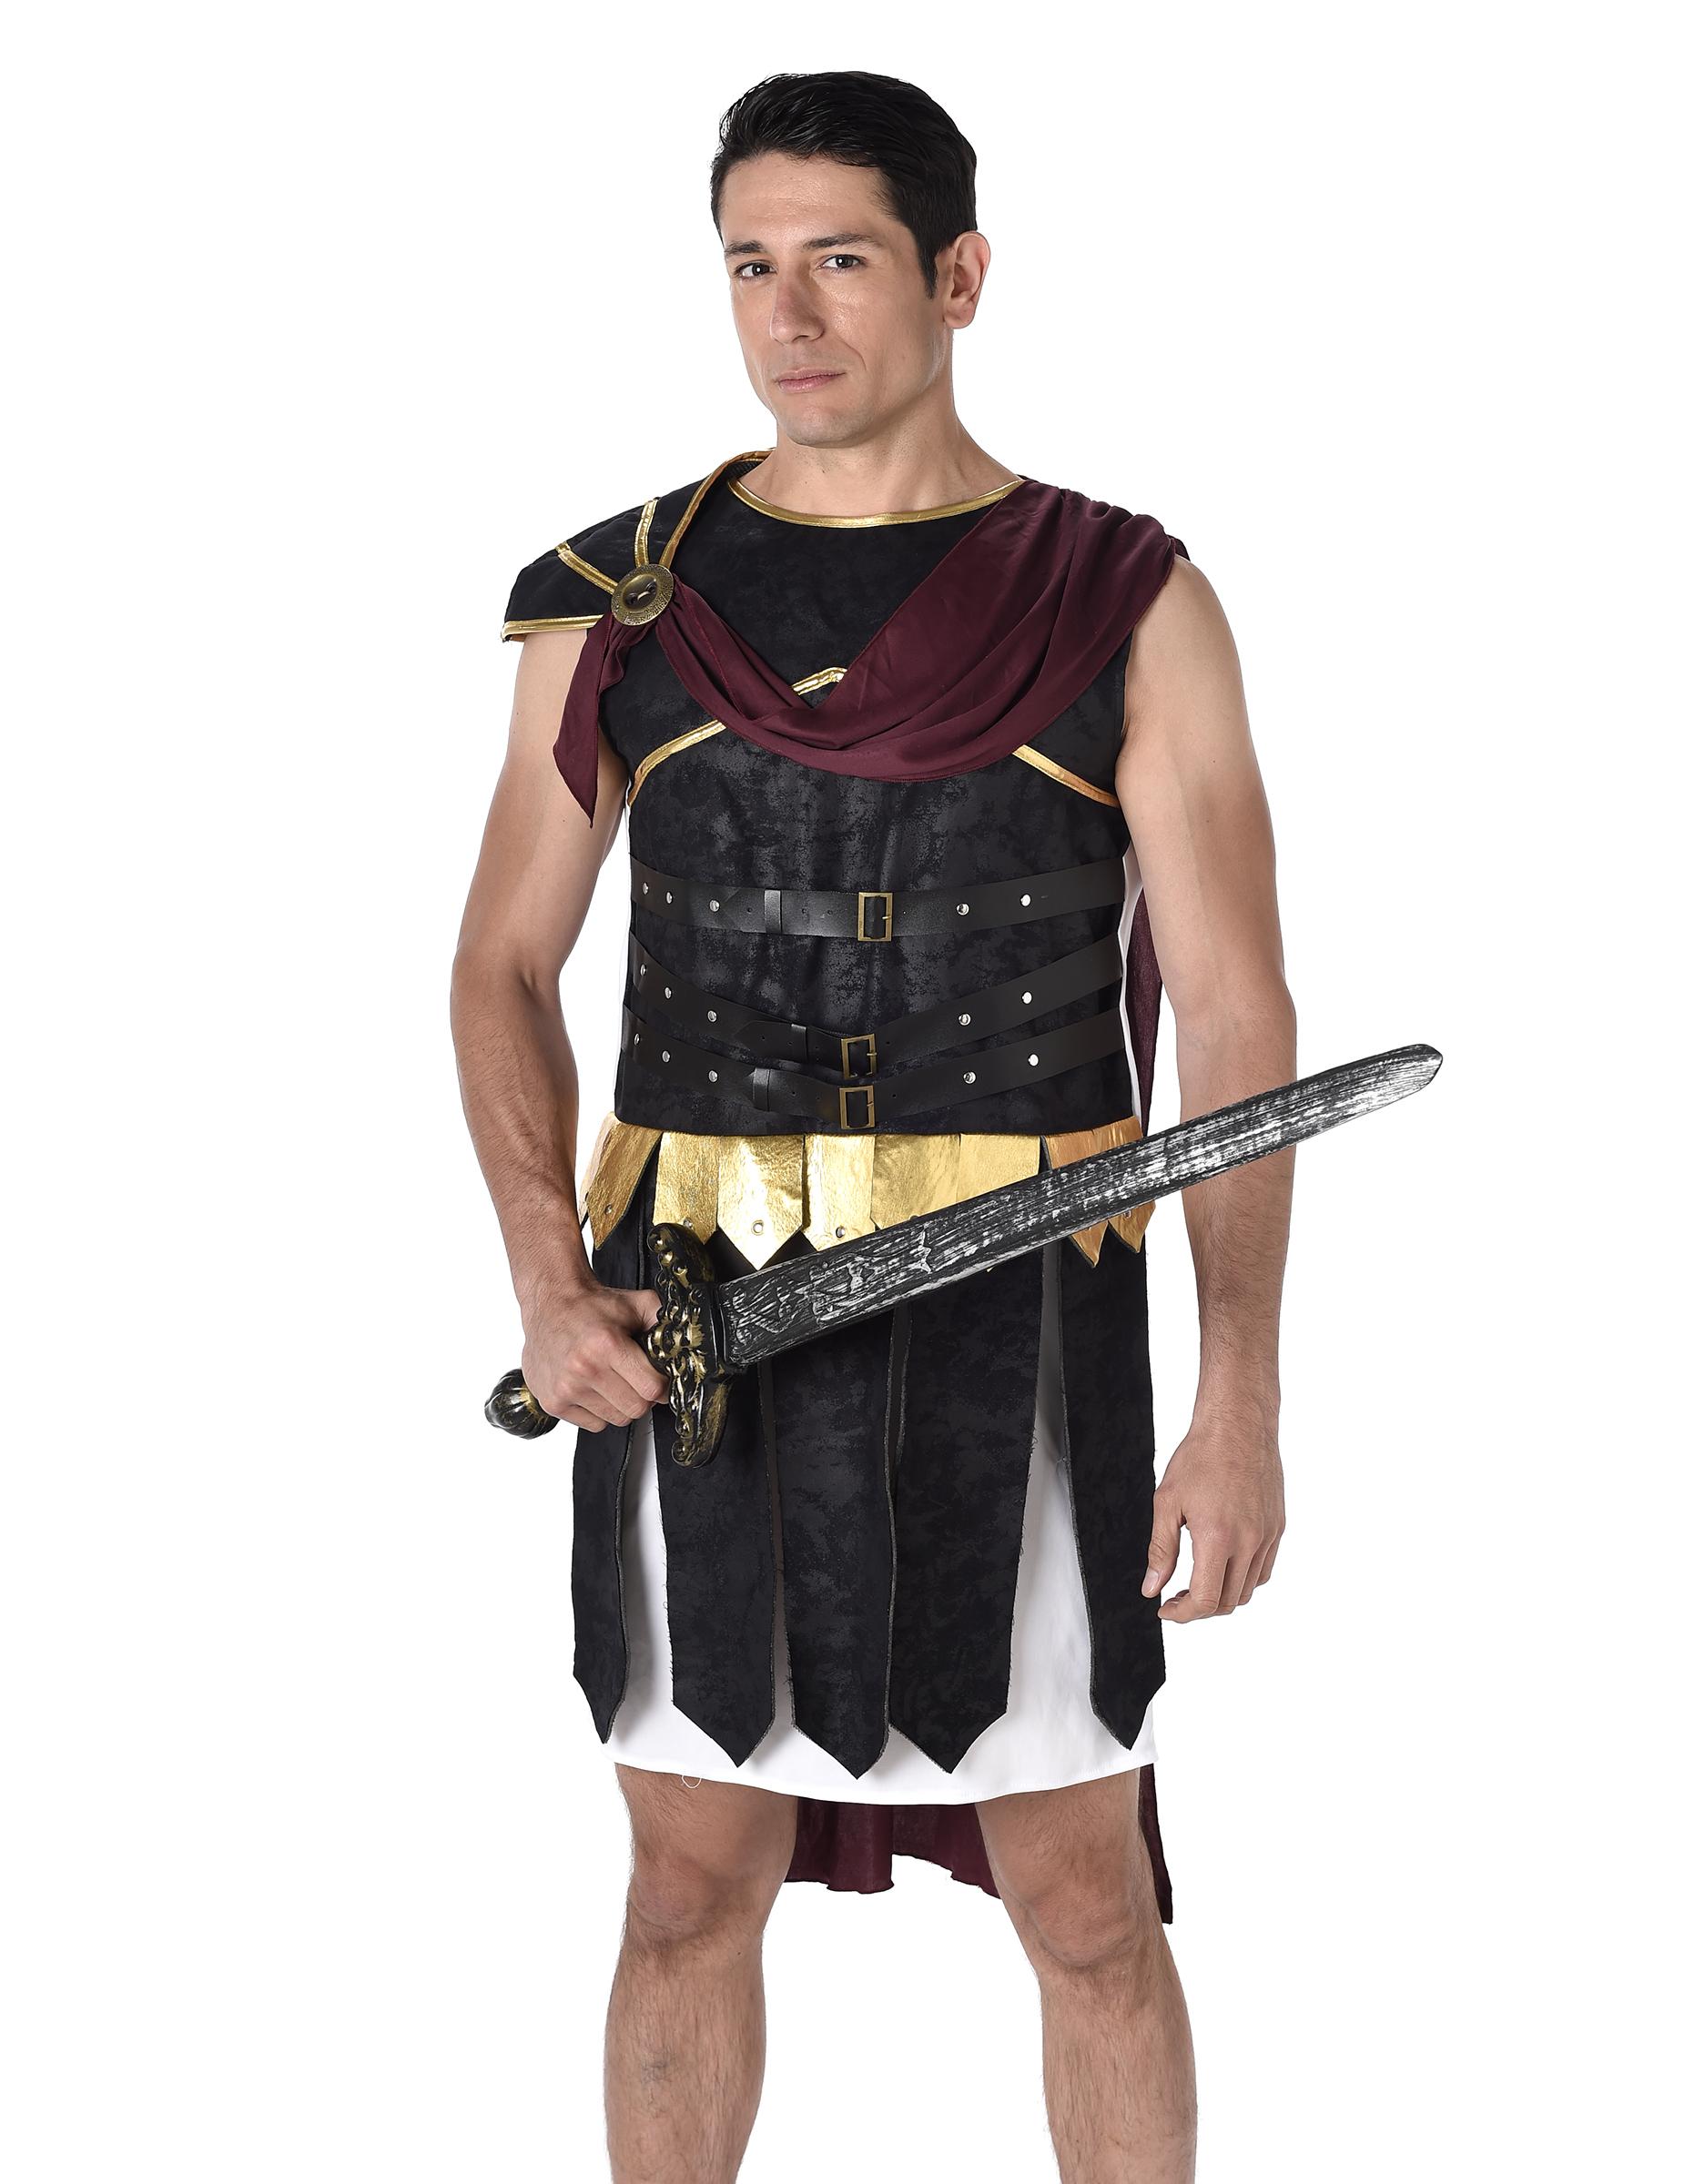 96ea7b9a4a927 Déguisement gladiateur Romain noire et doré homme : Deguise-toi ...